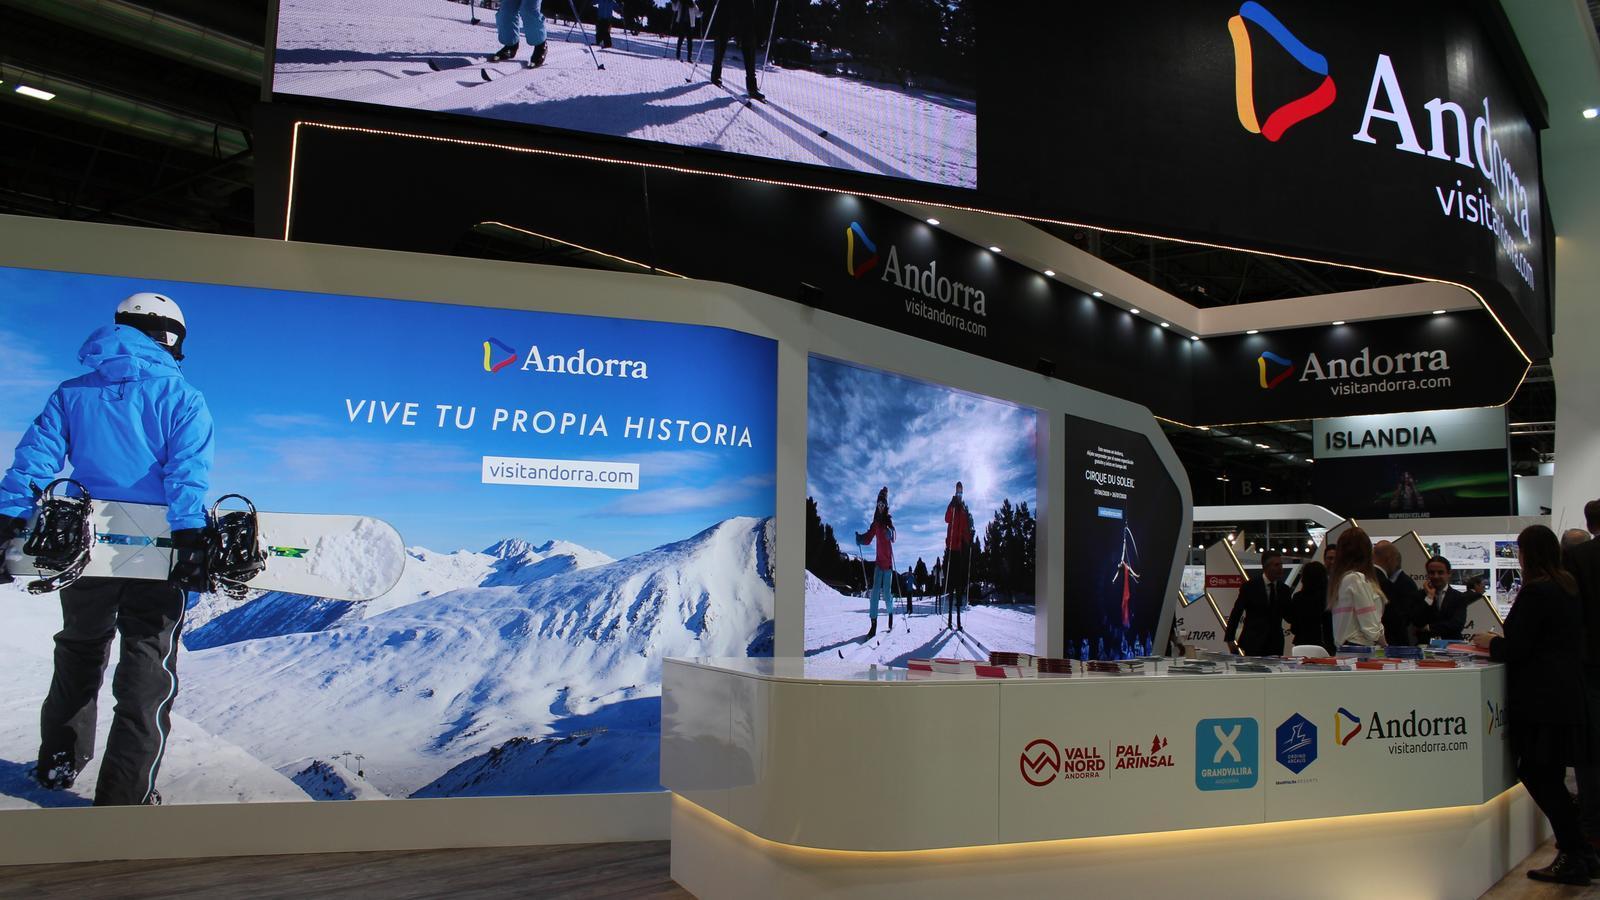 Estand d'Andorra a la fira Fitur. / ANDORRA TURISME